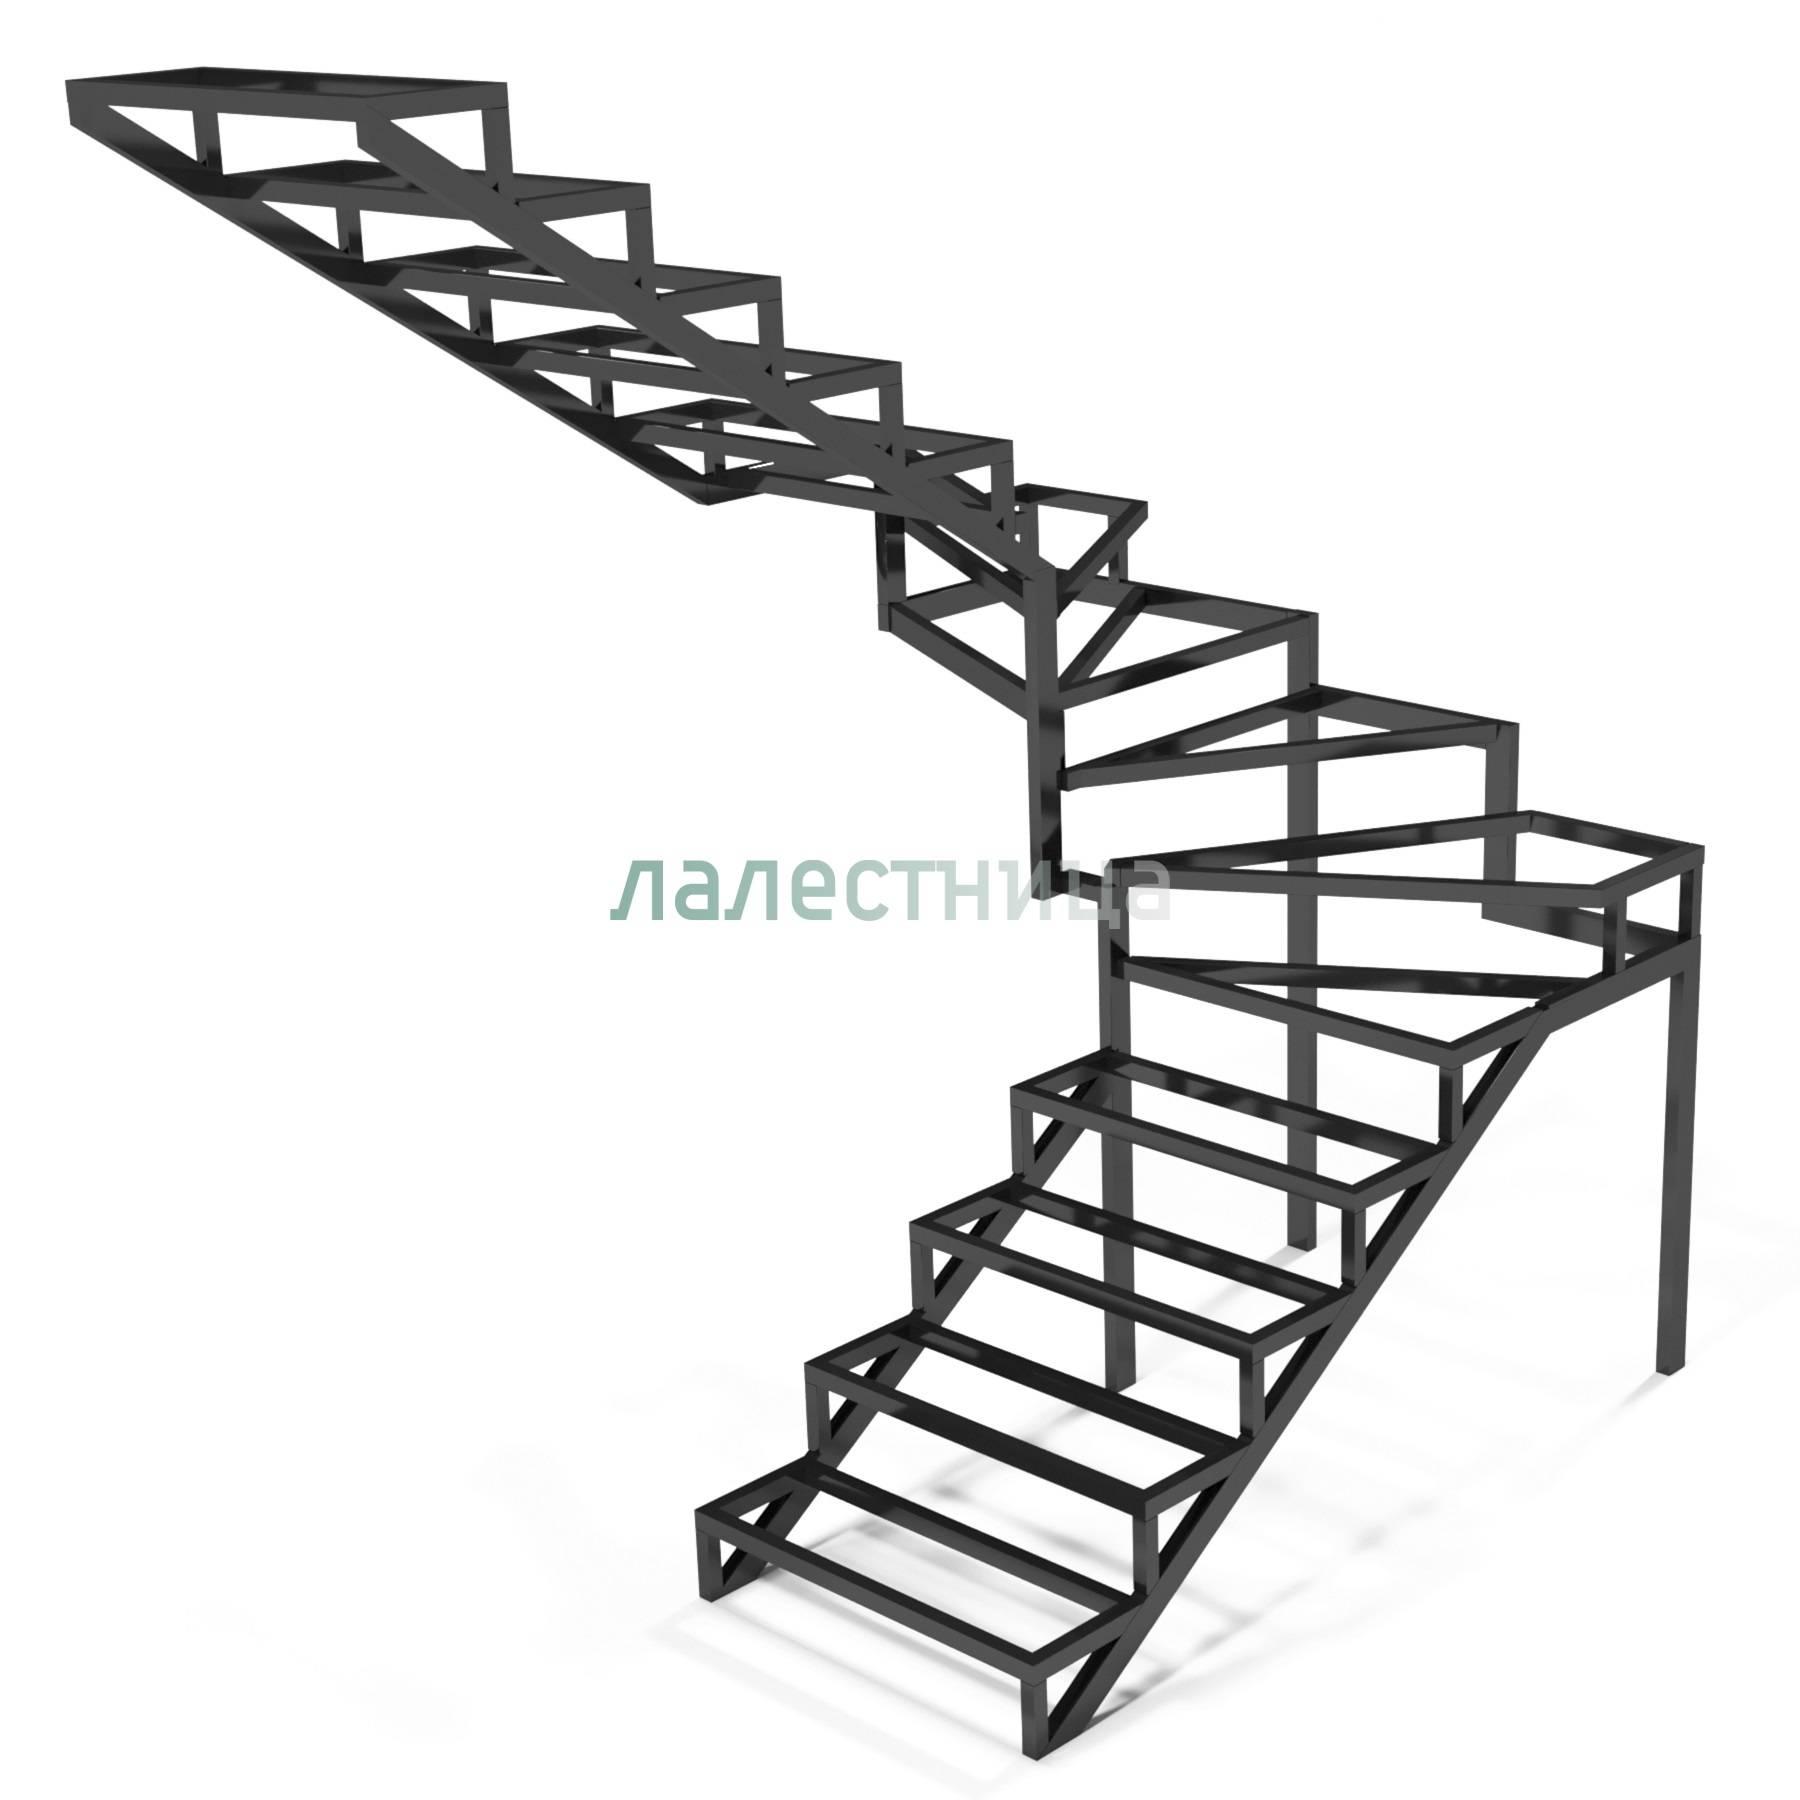 Как сделать каркас металлической лестницы из профильной трубы своими руками: чертежи, расчет